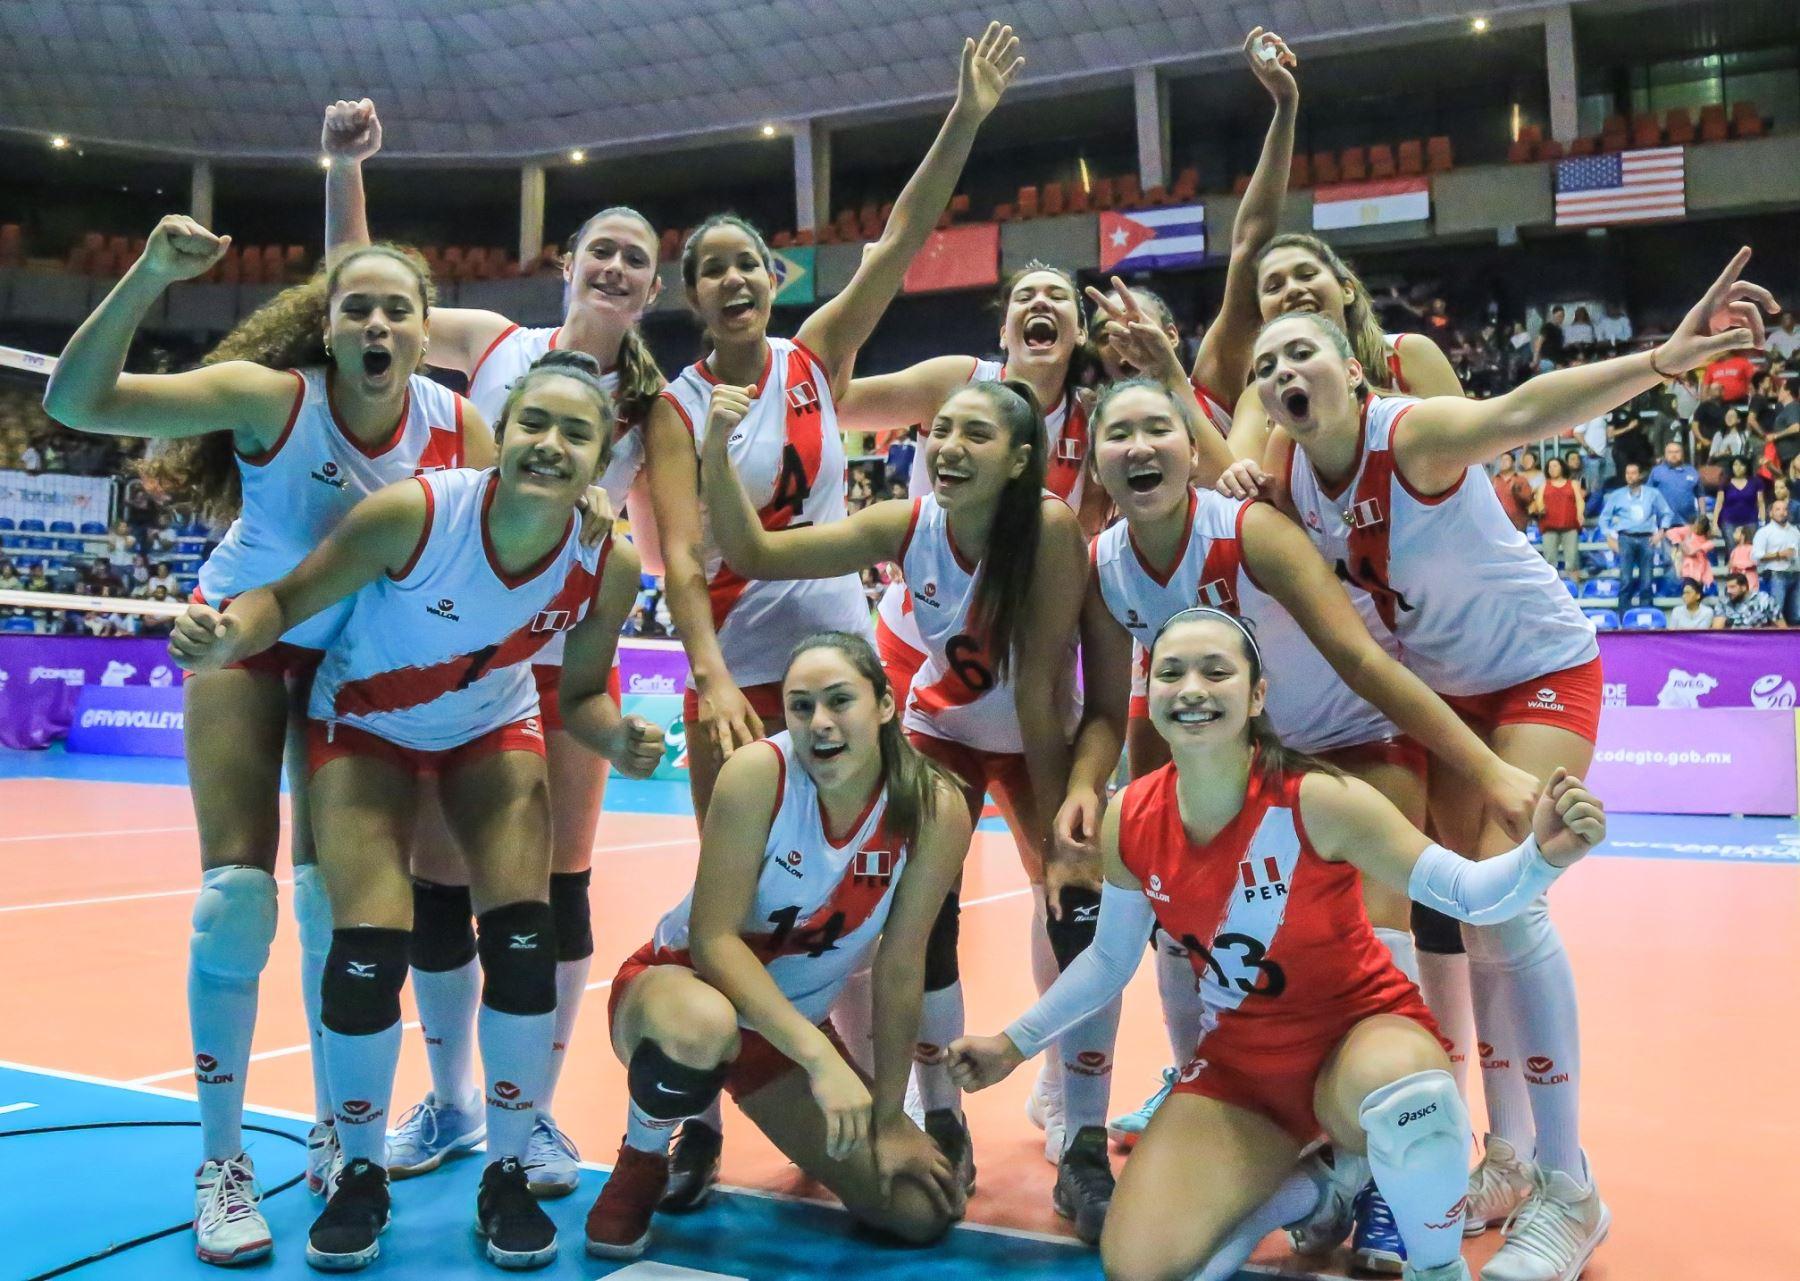 Selección de vóley volvió a reecontrarse con el triunfo. Foto: FIVB.